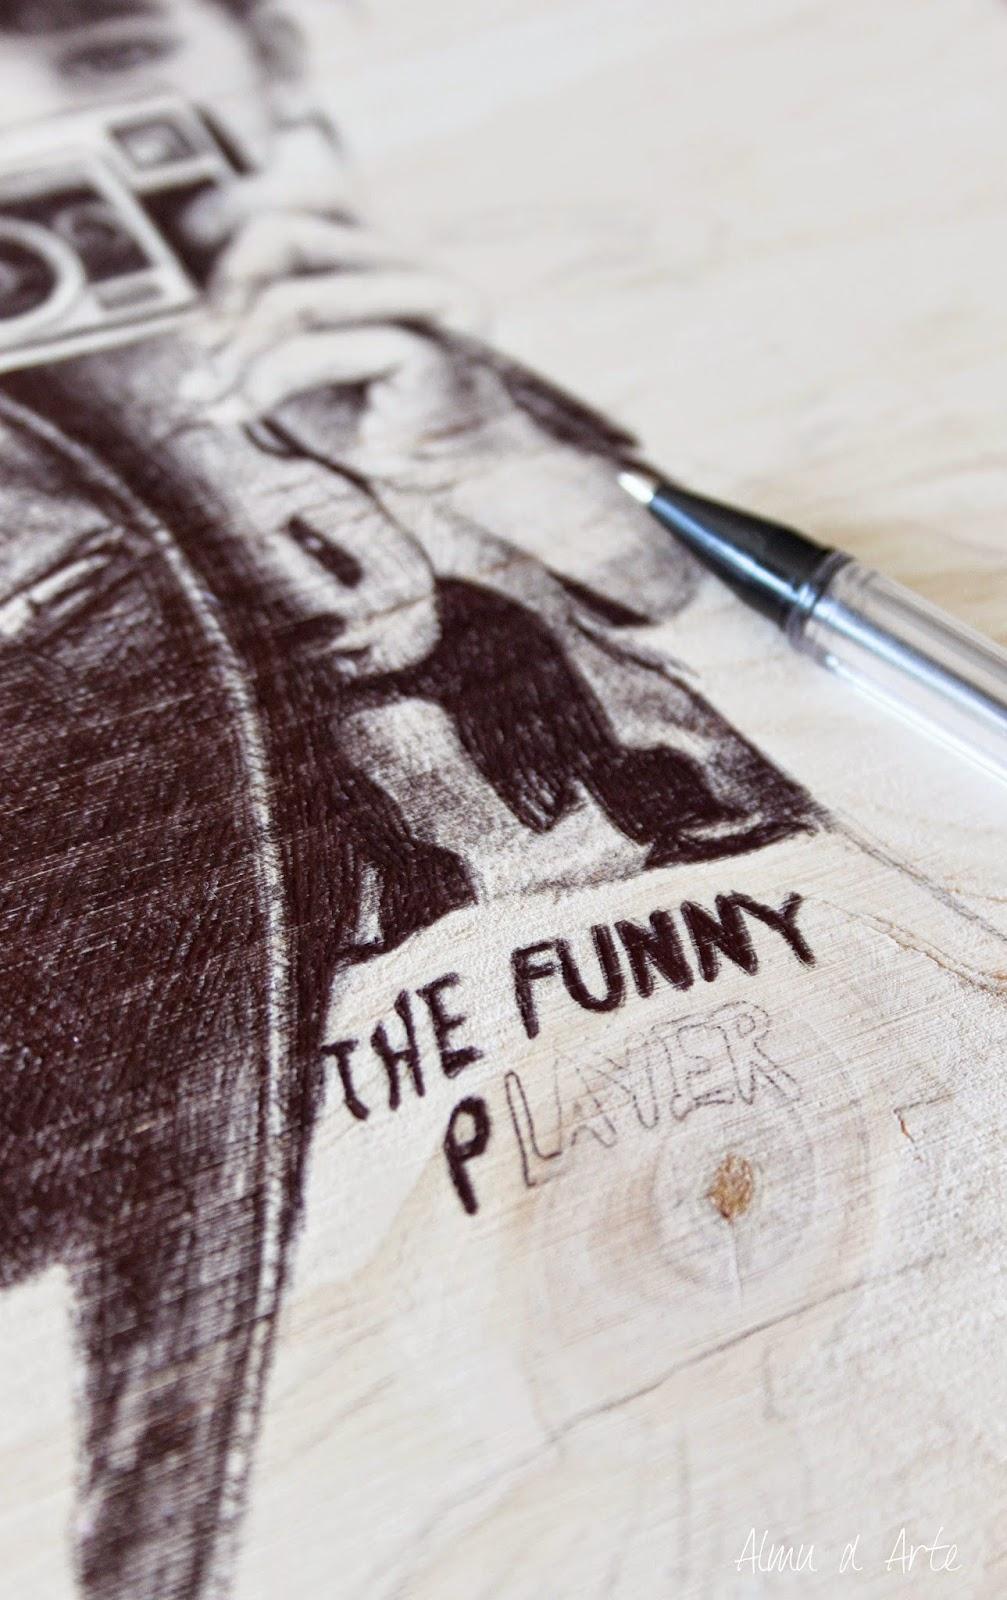 Dibujo a bolígrafo sobre tabla de madera